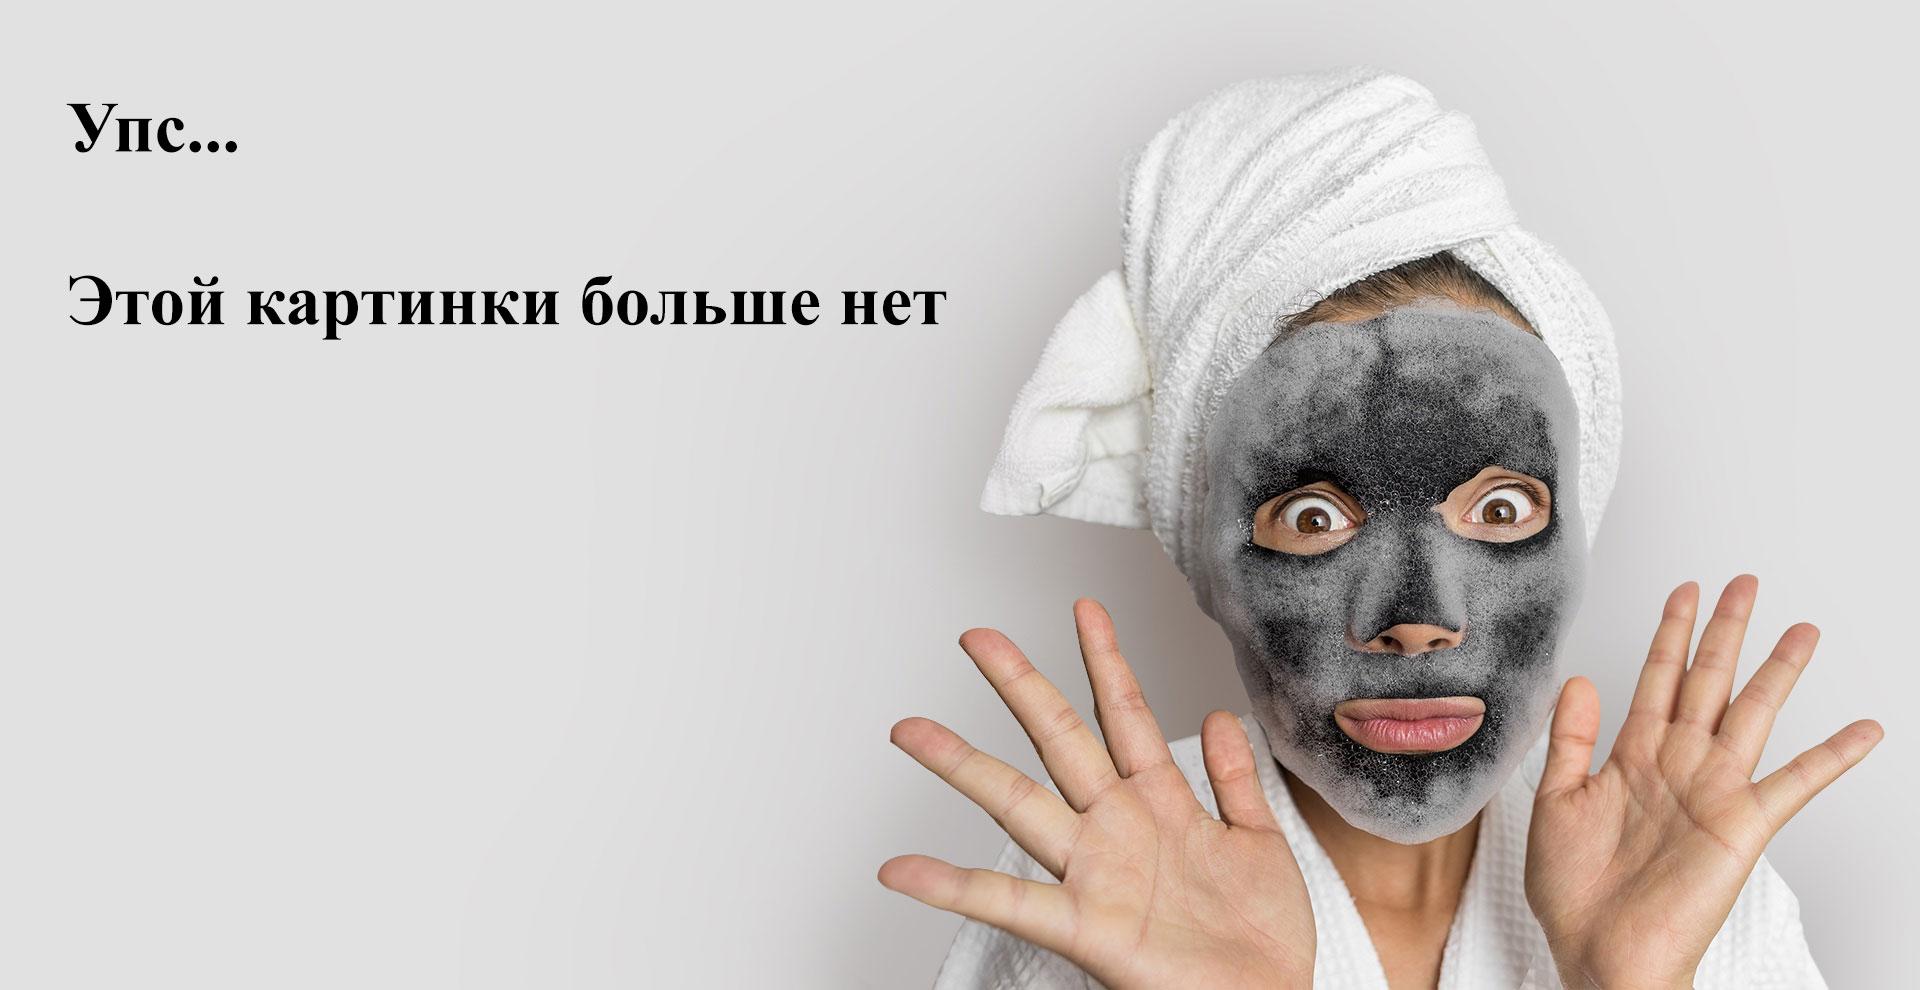 Bioaqua, Крем-гель для лица и шеи Aloe Vera, 50 г